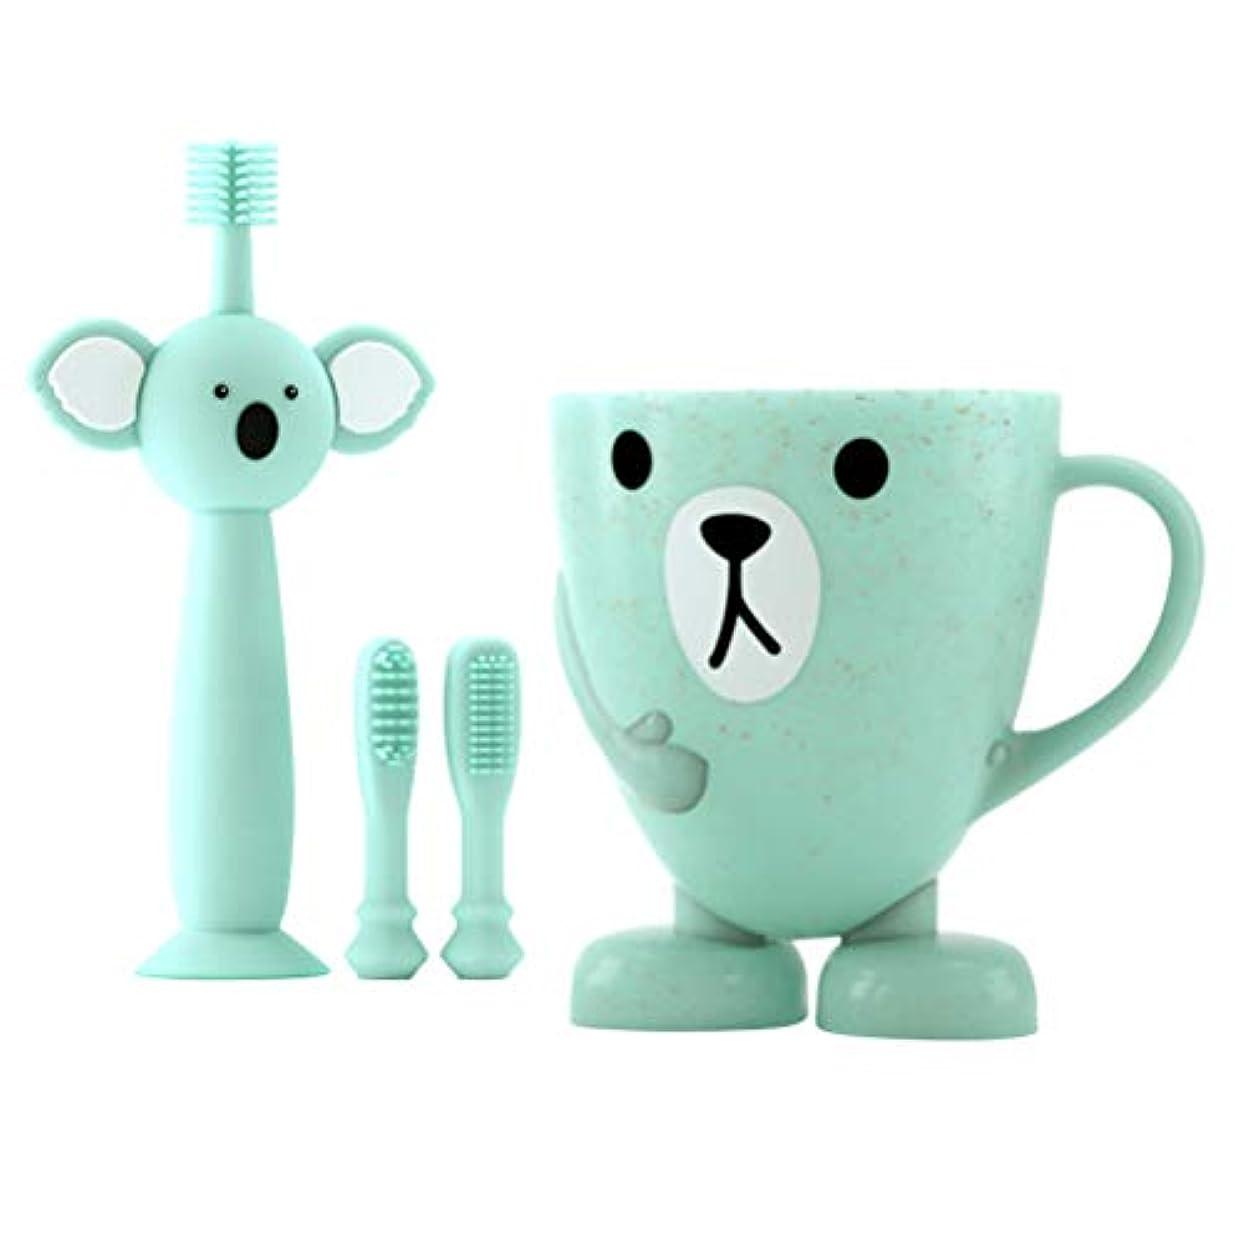 防ぐ健全あごTOYANDONA 赤ちゃんの歯のクリーニングセット幼児シリコン歯ブラシ2個付き交換用ブラシヘ??ッドカップ4個